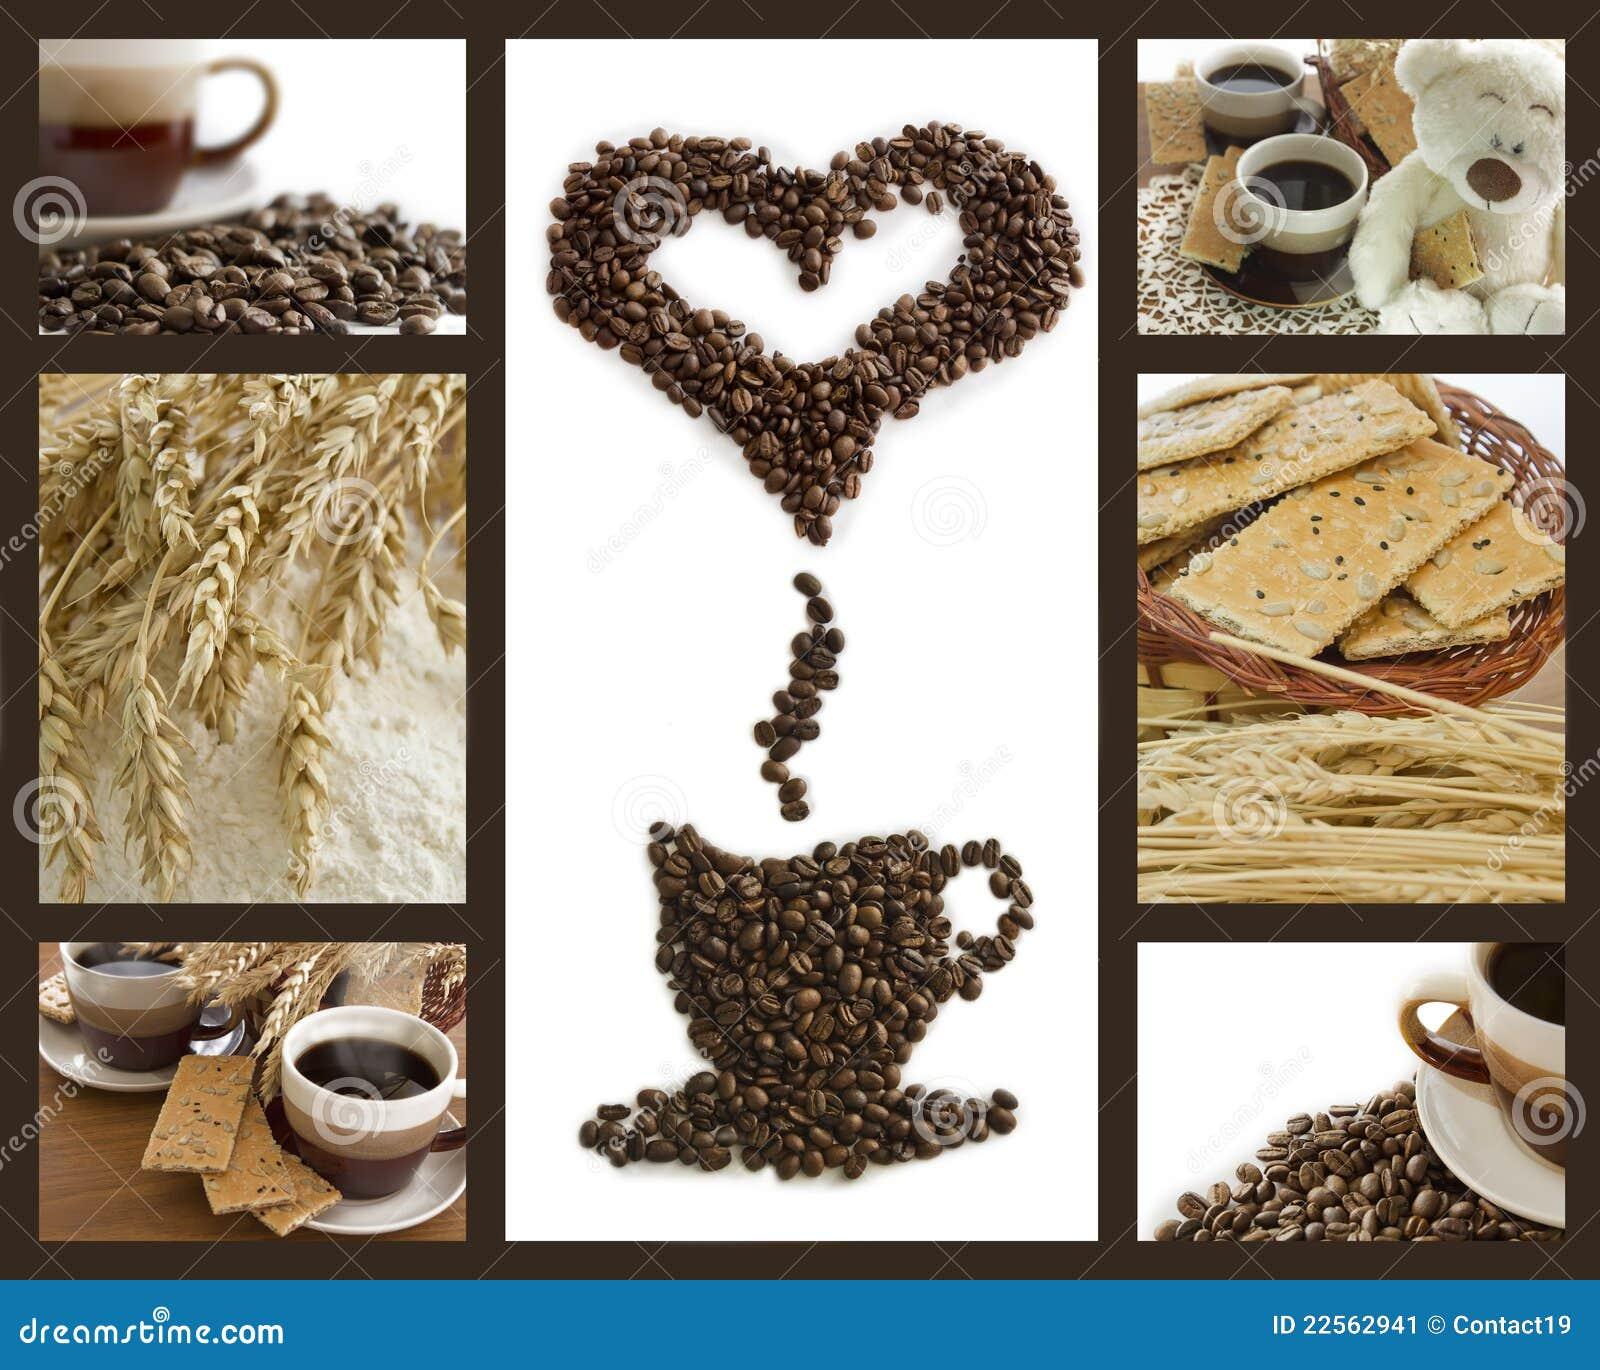 Аппликация из кофейных зерен своими руками фото и описание